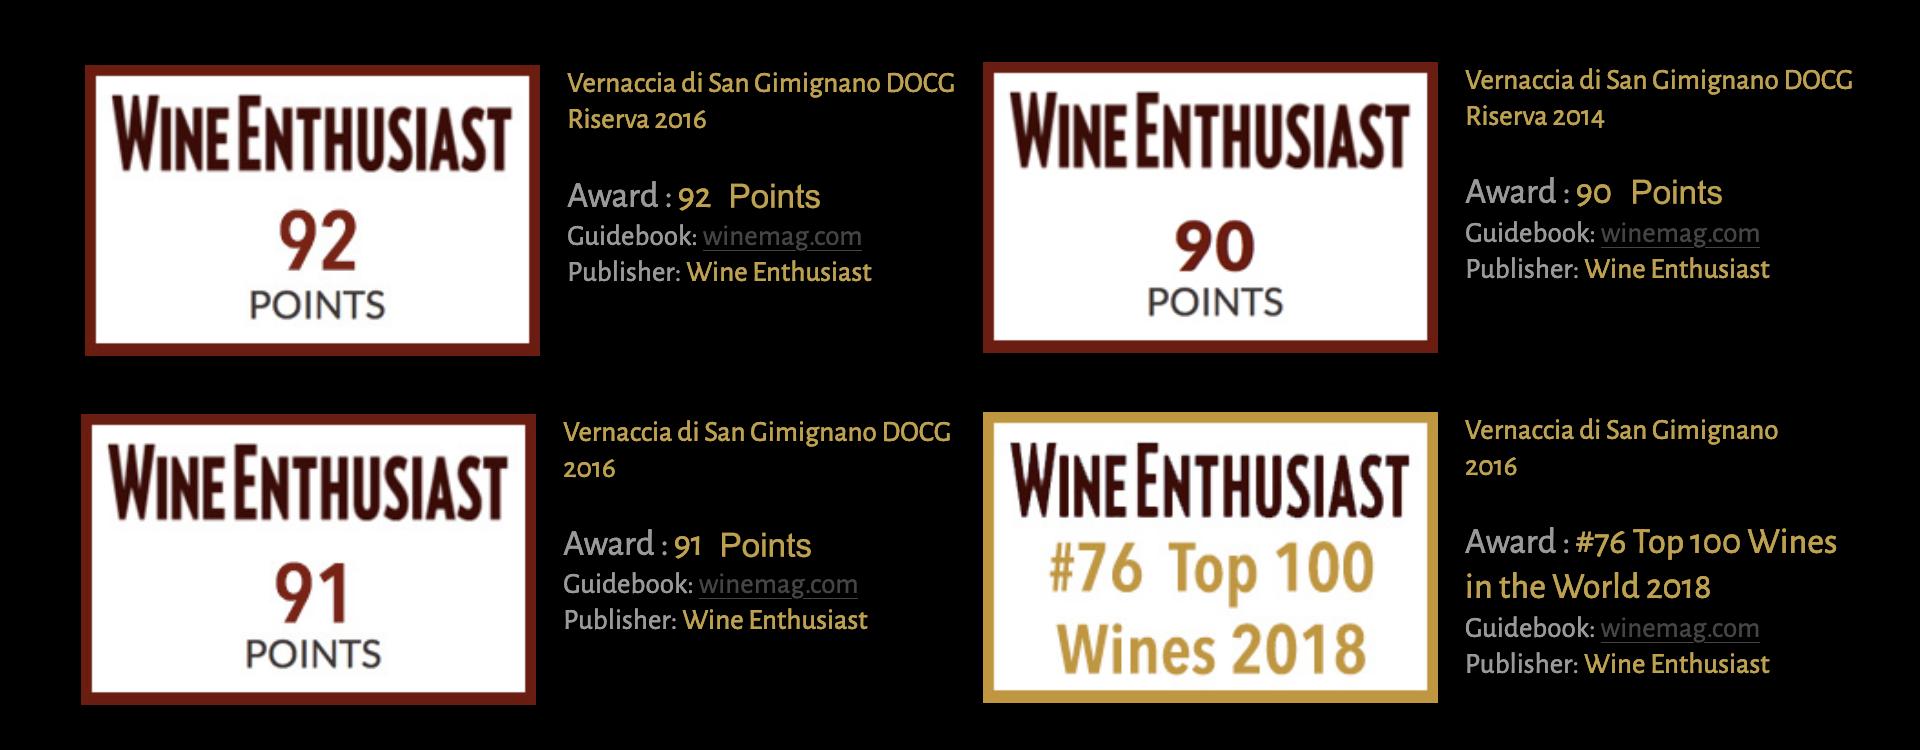 I Premi del nostro lavoro da parte di Wine Enthusiast